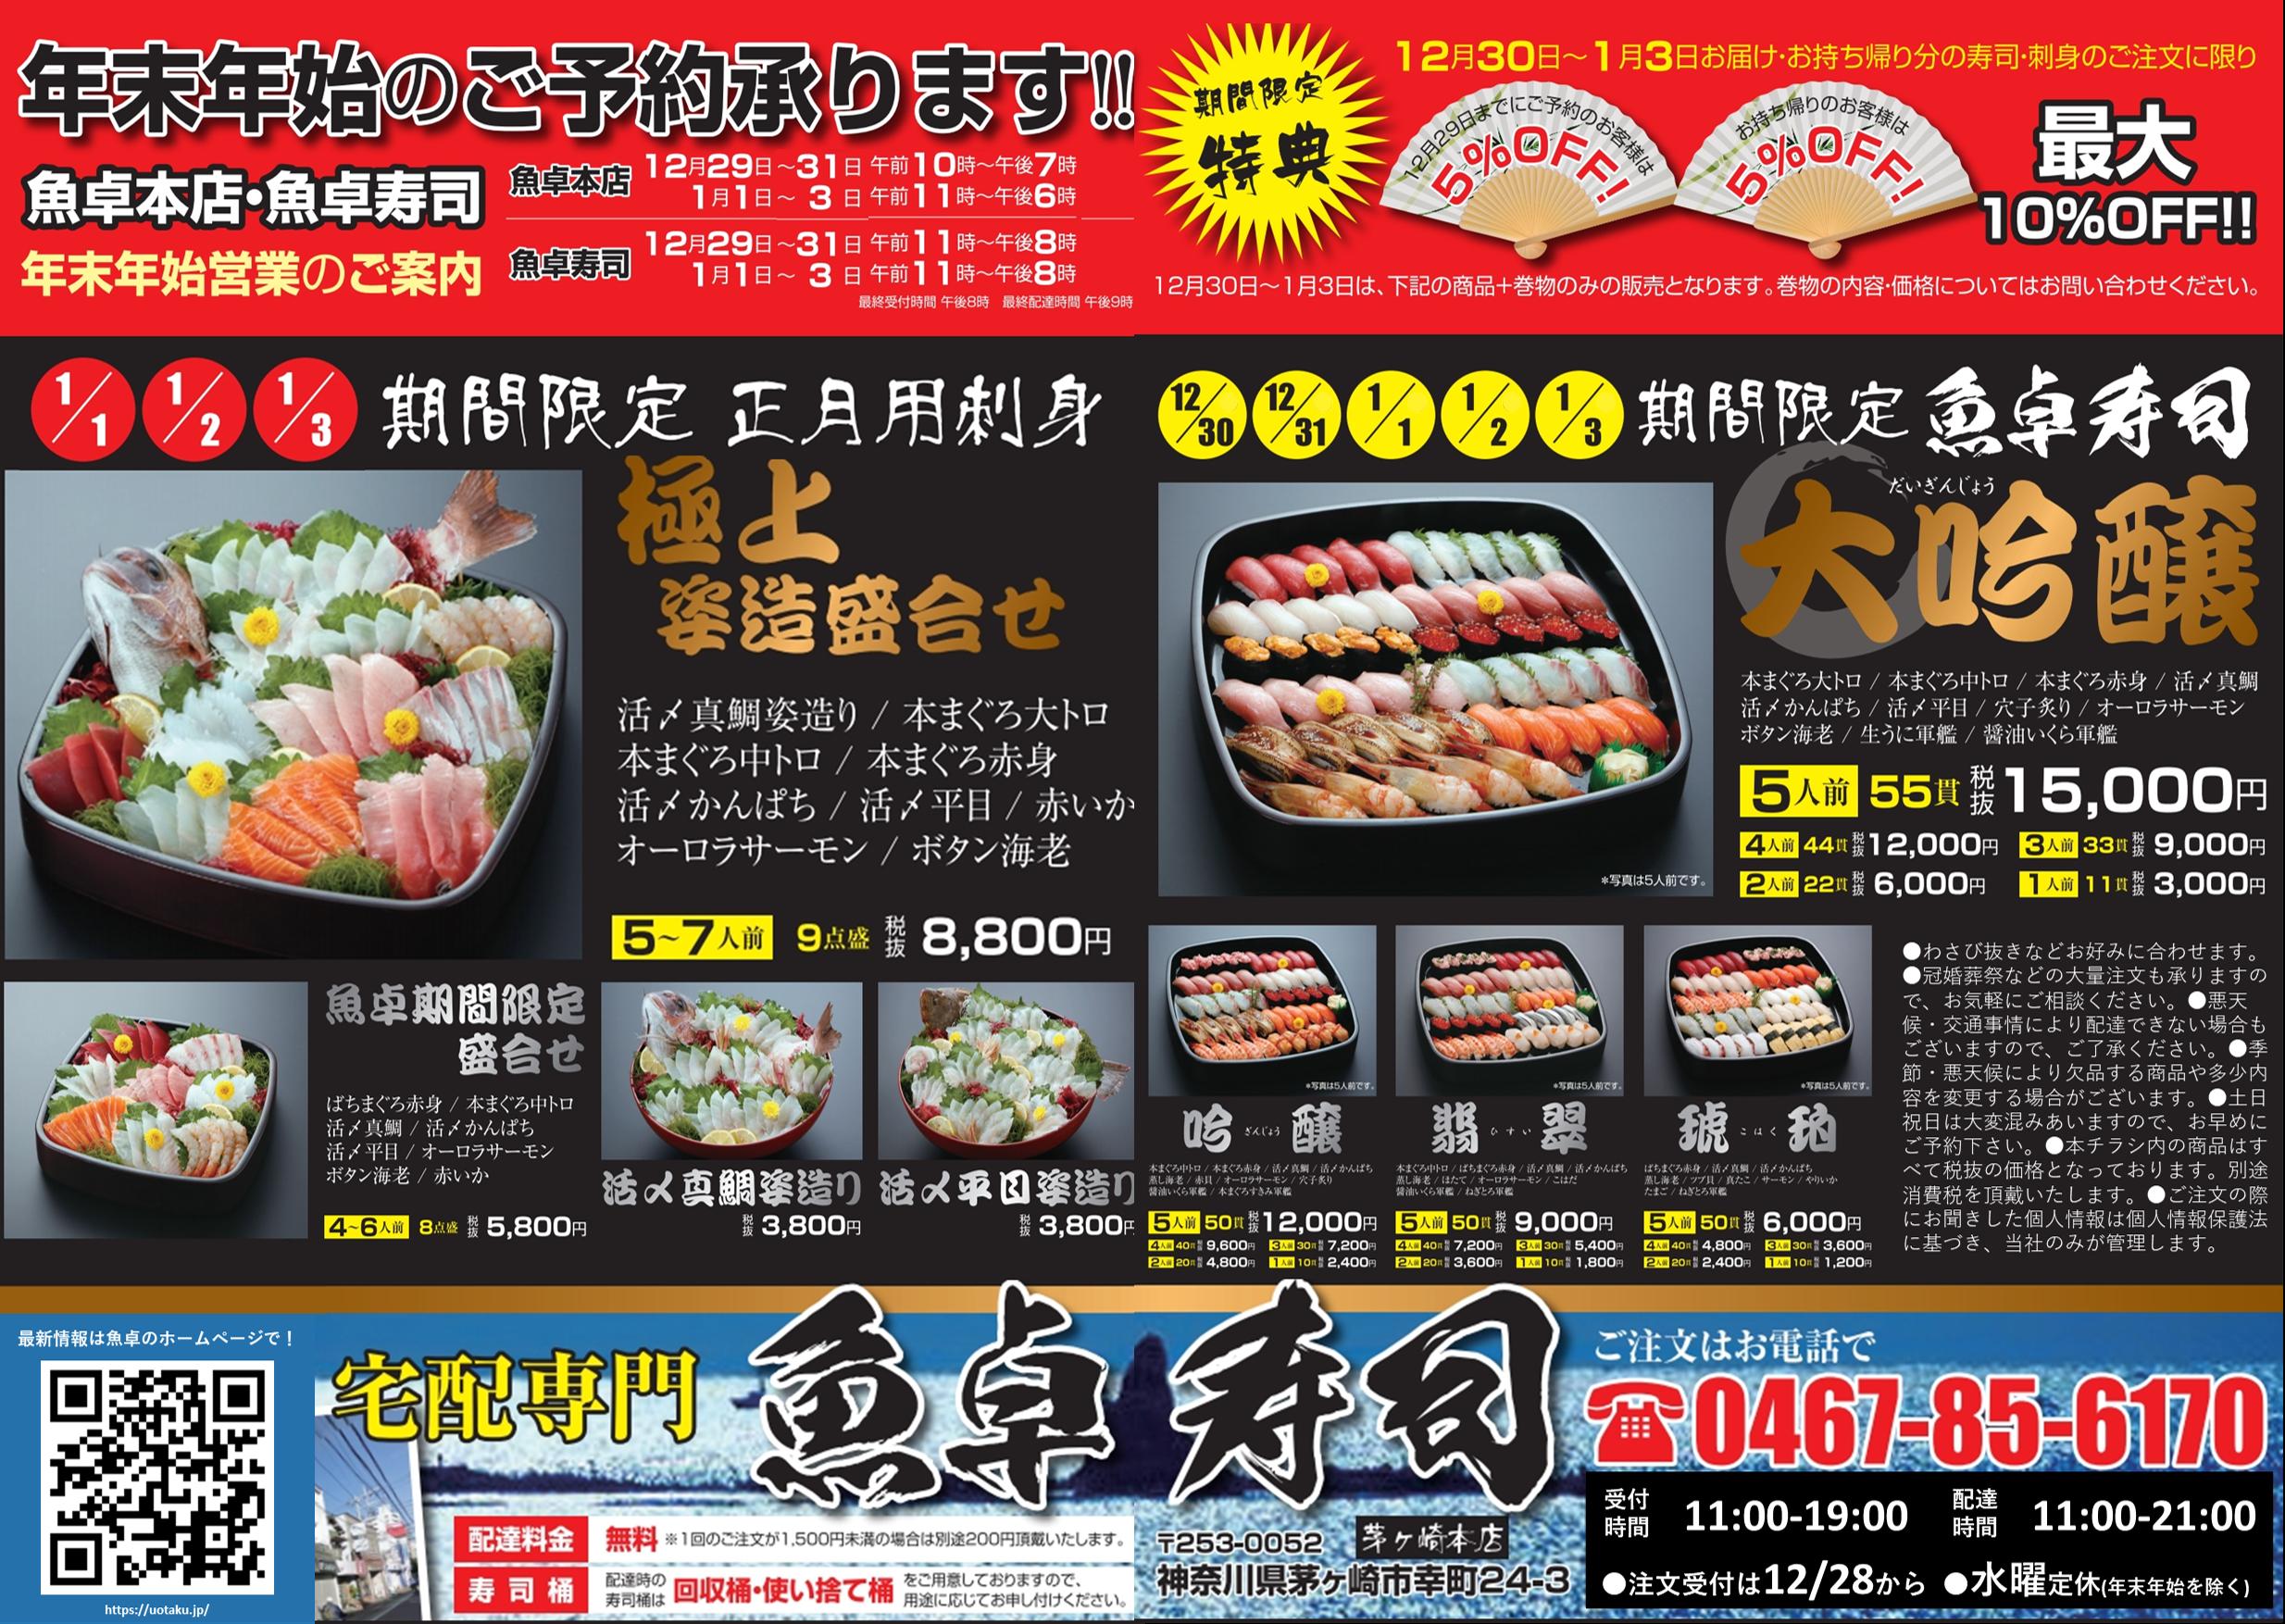 【魚卓】年末年始のお寿司 & 正月のお刺身ご予約チラシ